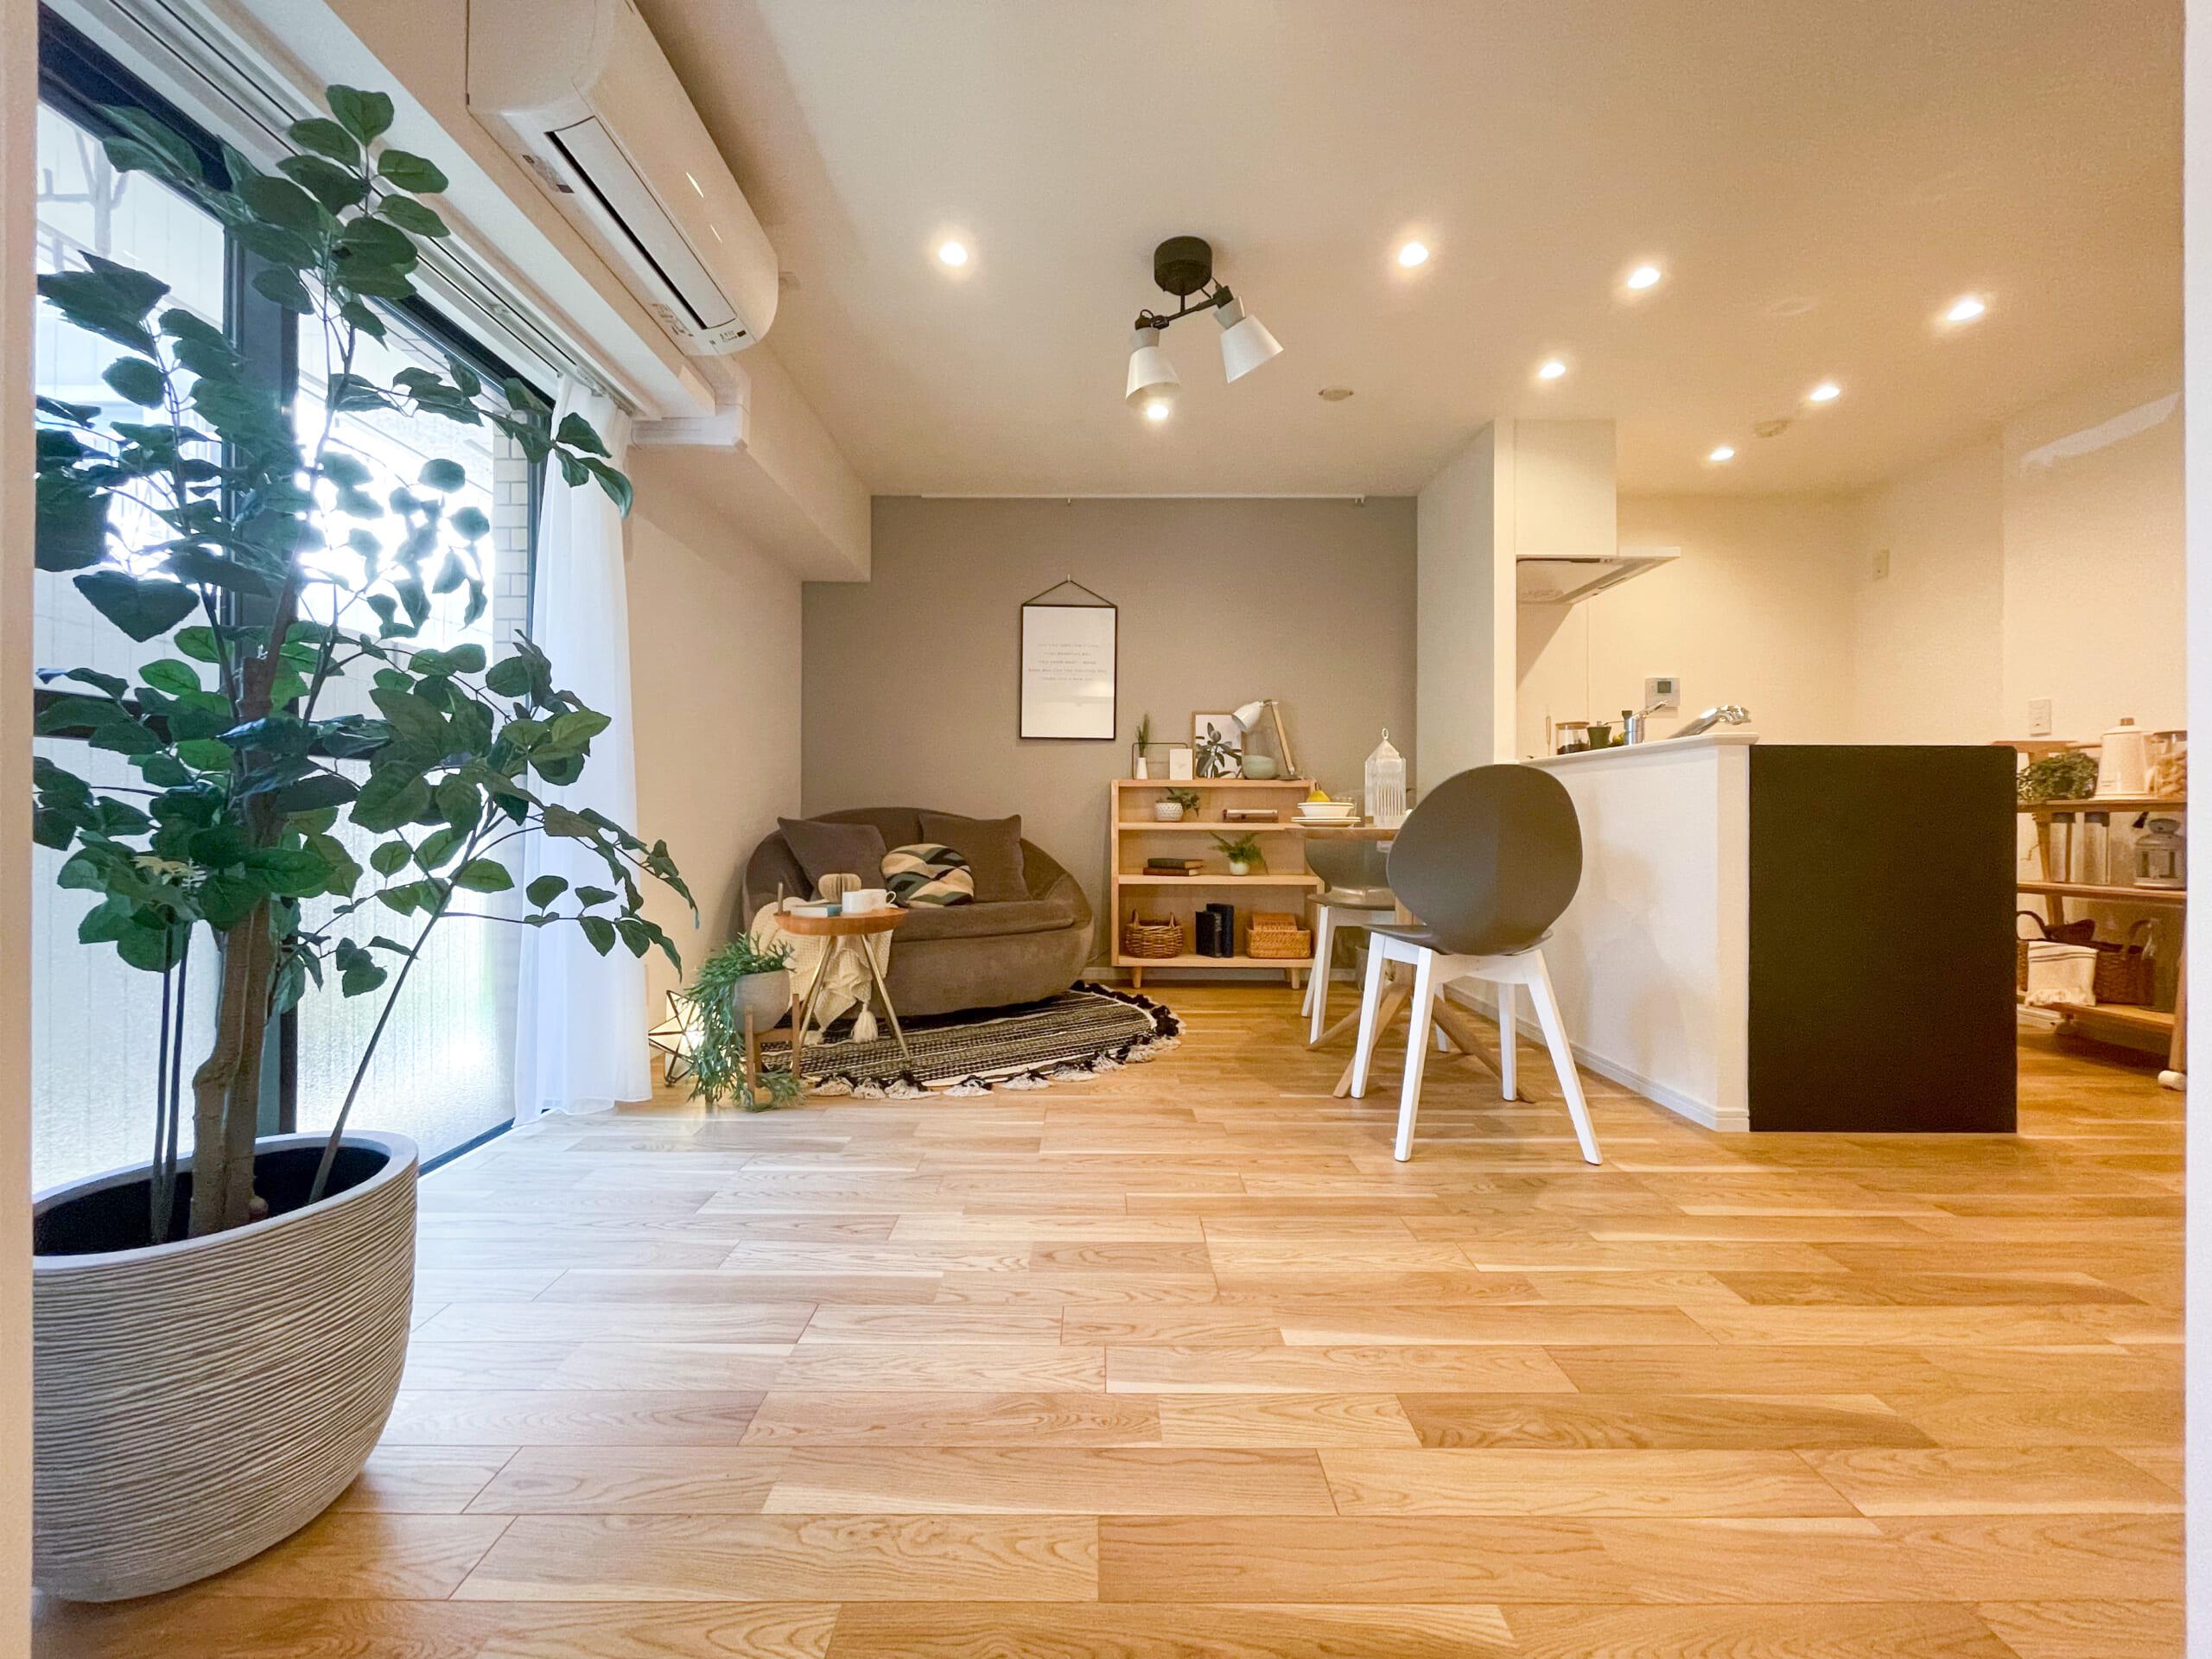 浅草のモダンな部屋と、広々ピロティ